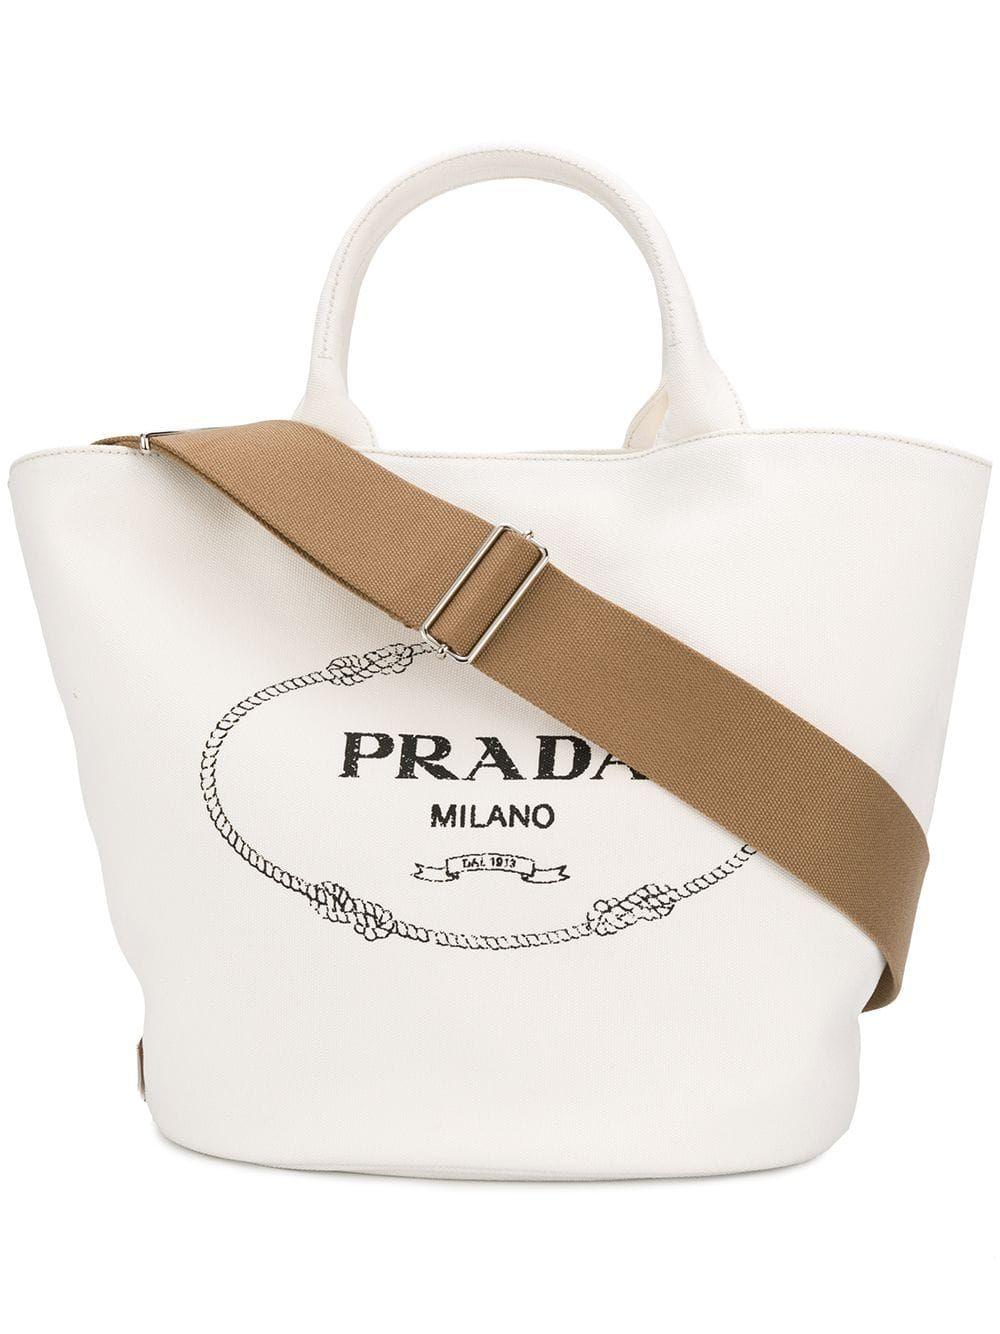 Prada front logo tote bag White in 2019 | Tote bag, Prada